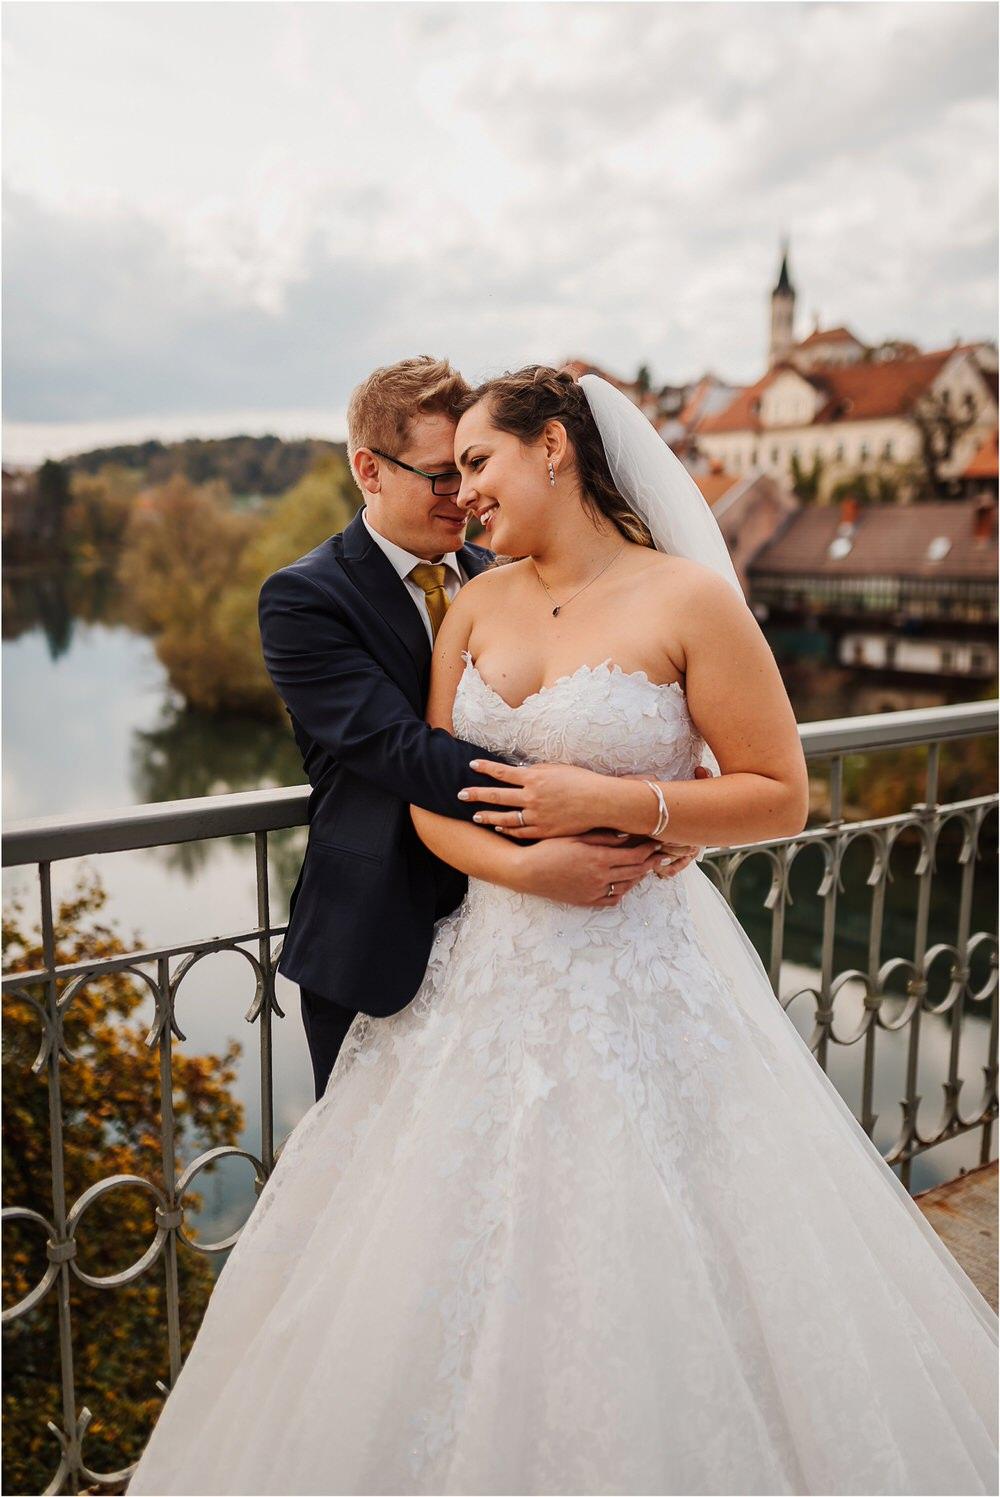 tri lučke poroka poročni fotograf fotografiranje intimna poroka zaroka krško posavje dolenjska novo mesto nika grega rustikalna romantična vintage wedding slovenia photography 0057.jpg